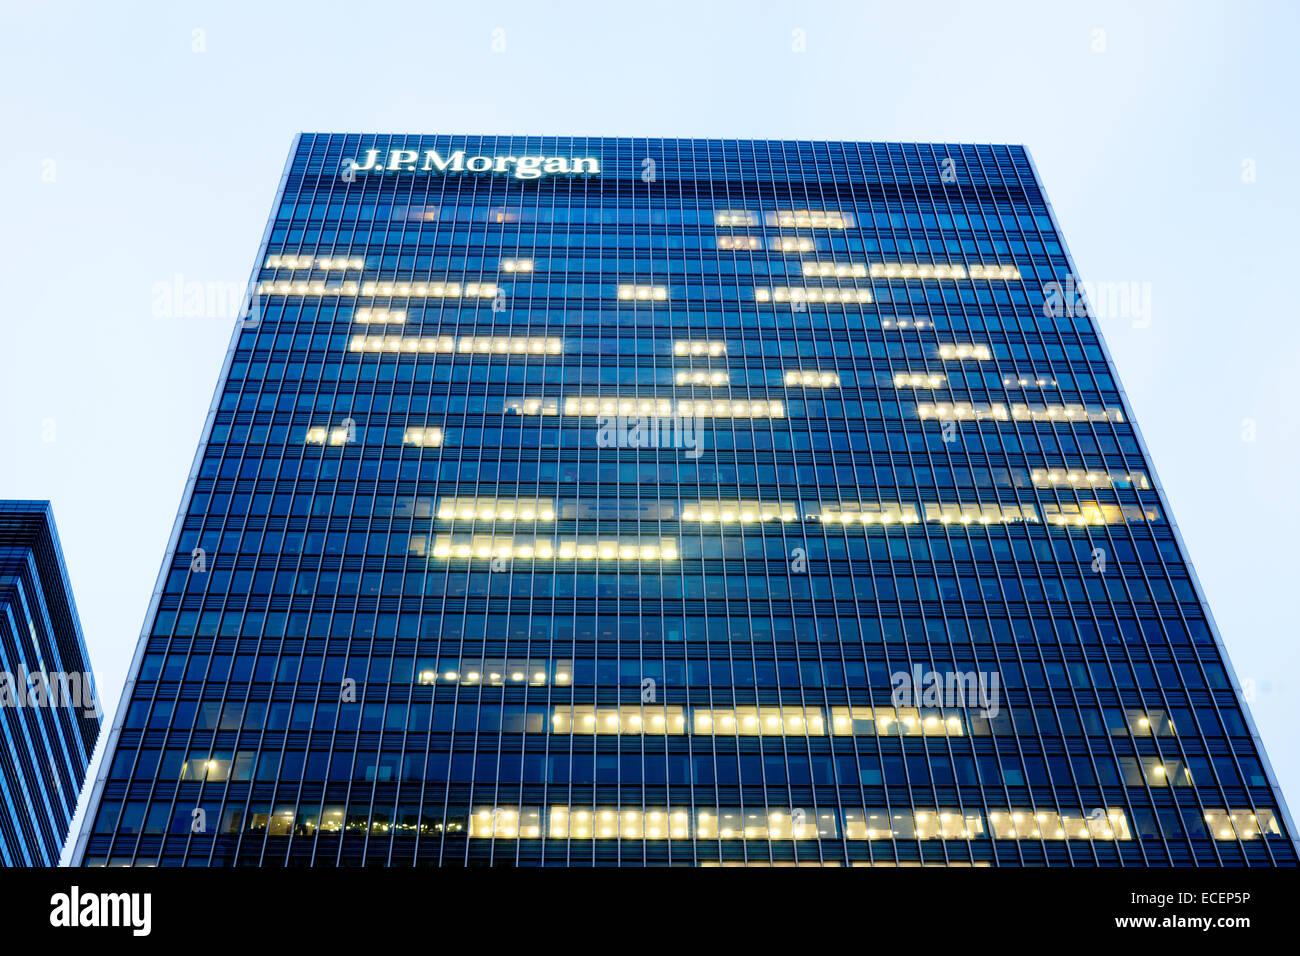 Jp Morgan Stock Photos & Jp Morgan Stock Images - Alamy